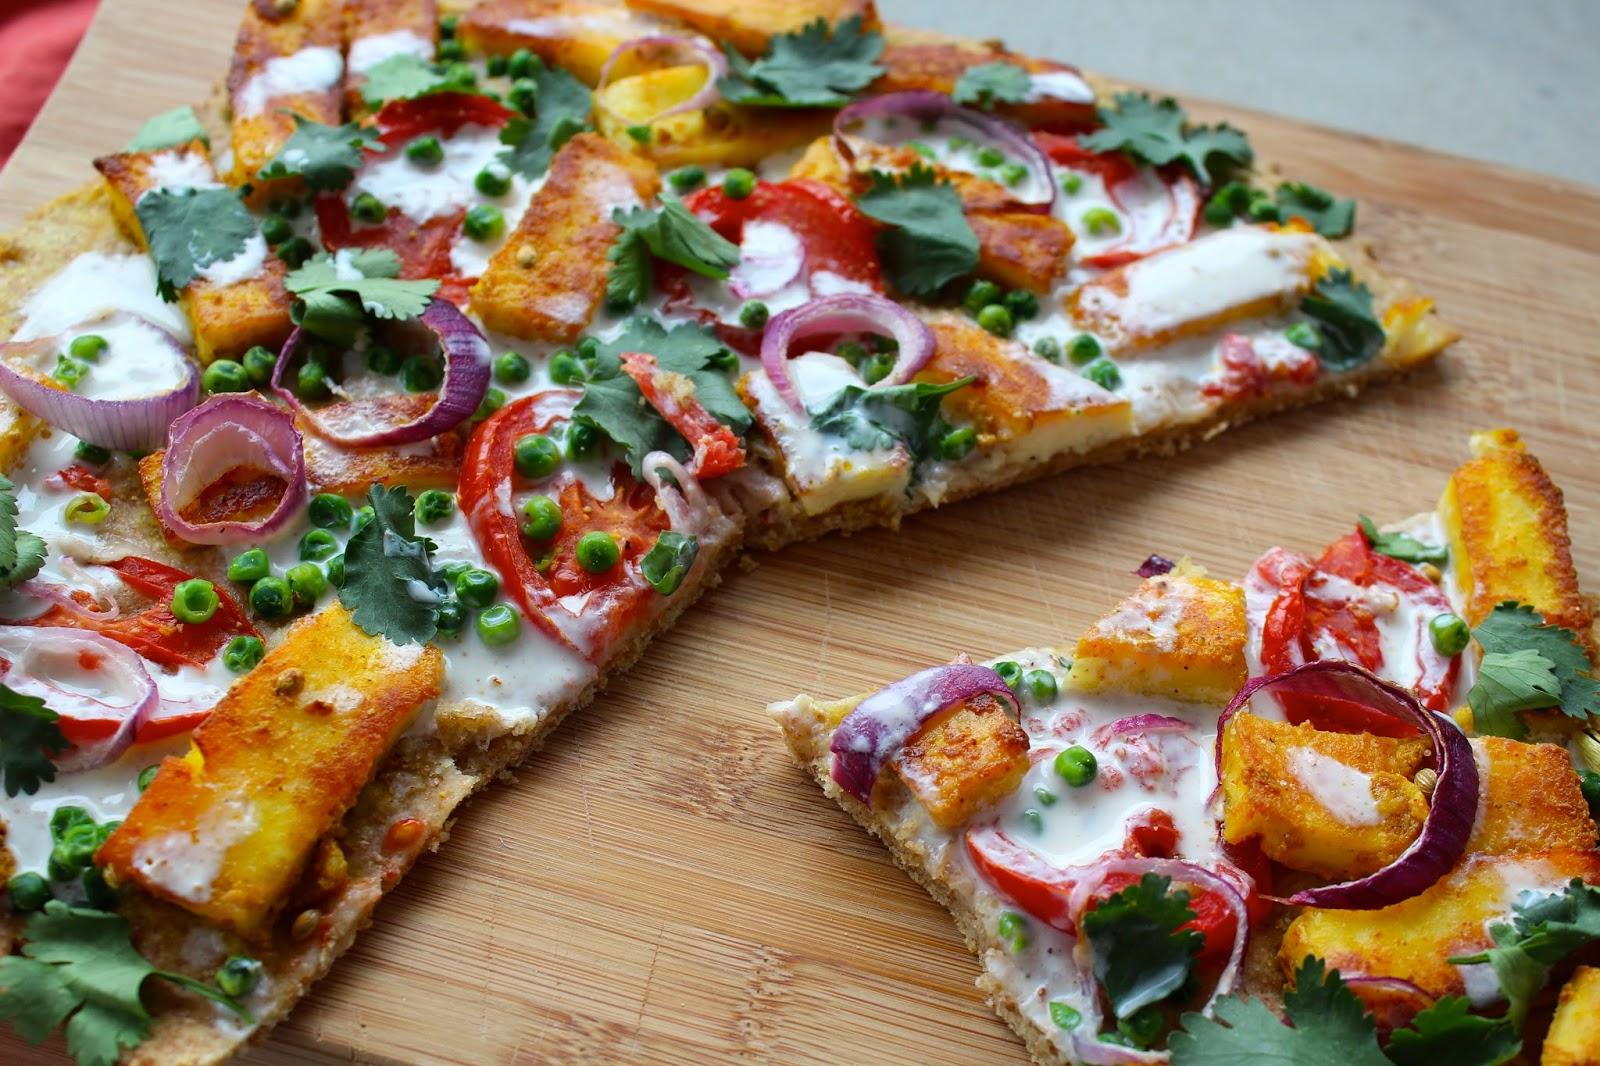 Etwas Neues genug Vegetarische Pizza Belag @TO09   Startupjobsfa &MM_79